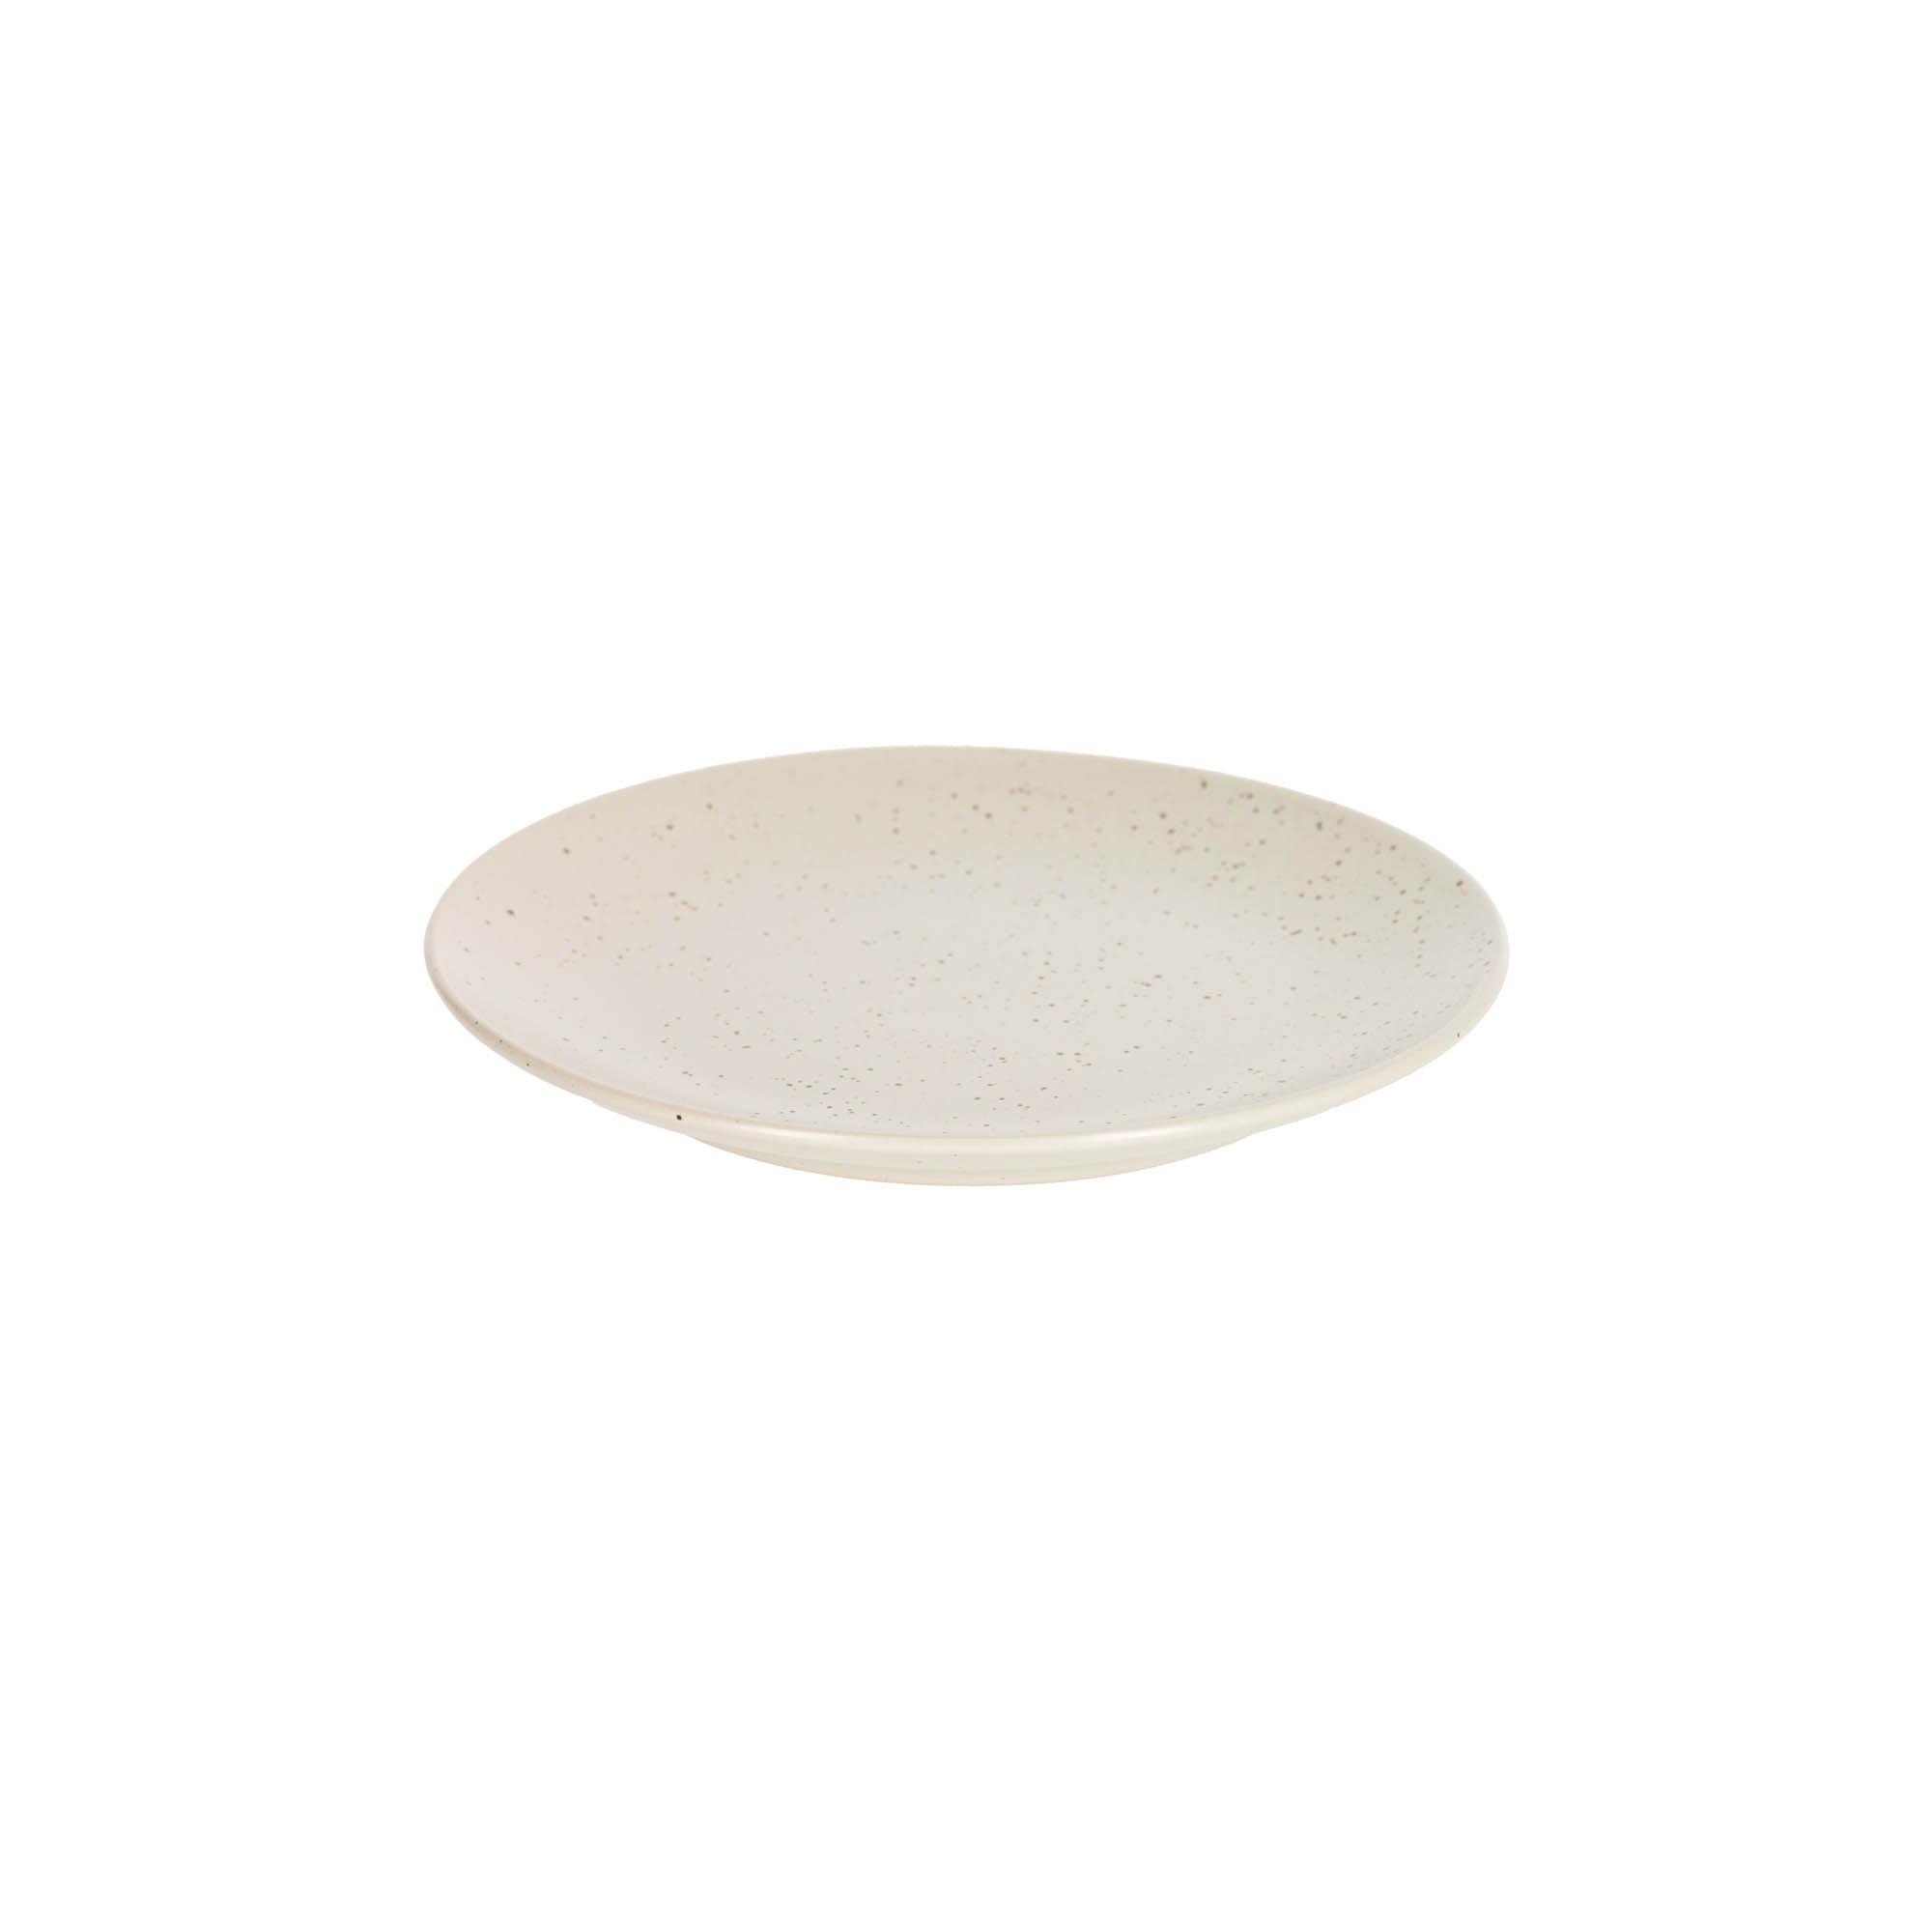 Kave home - assiette à dessert aratani blanc